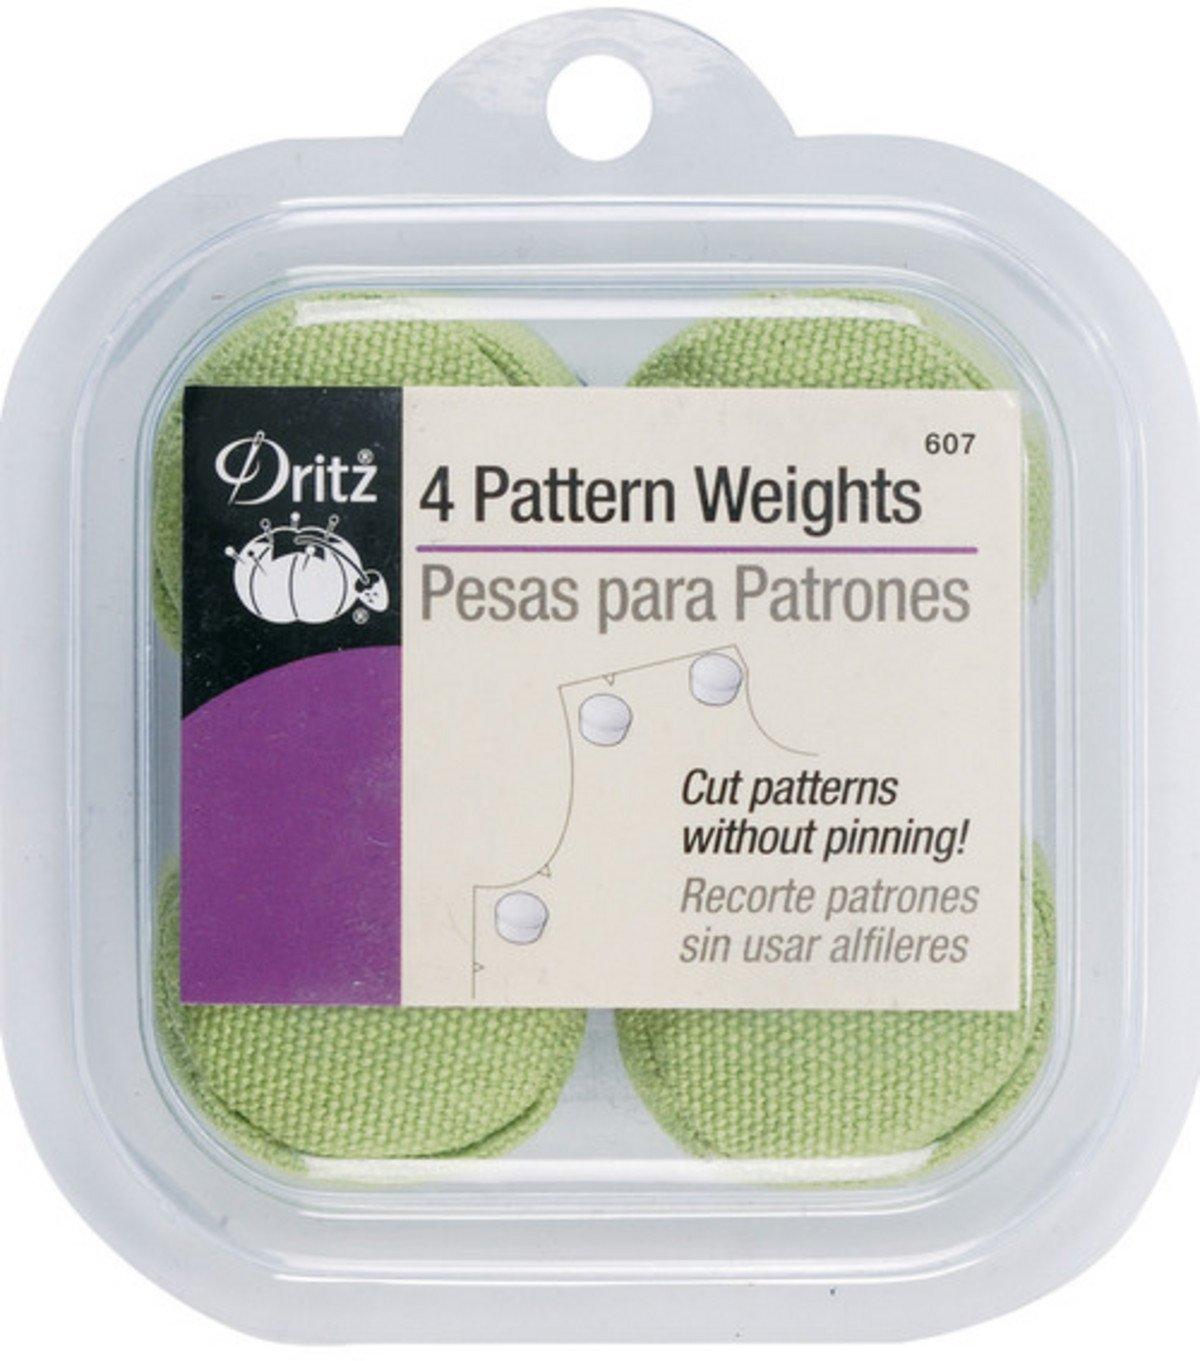 1 pattern weights